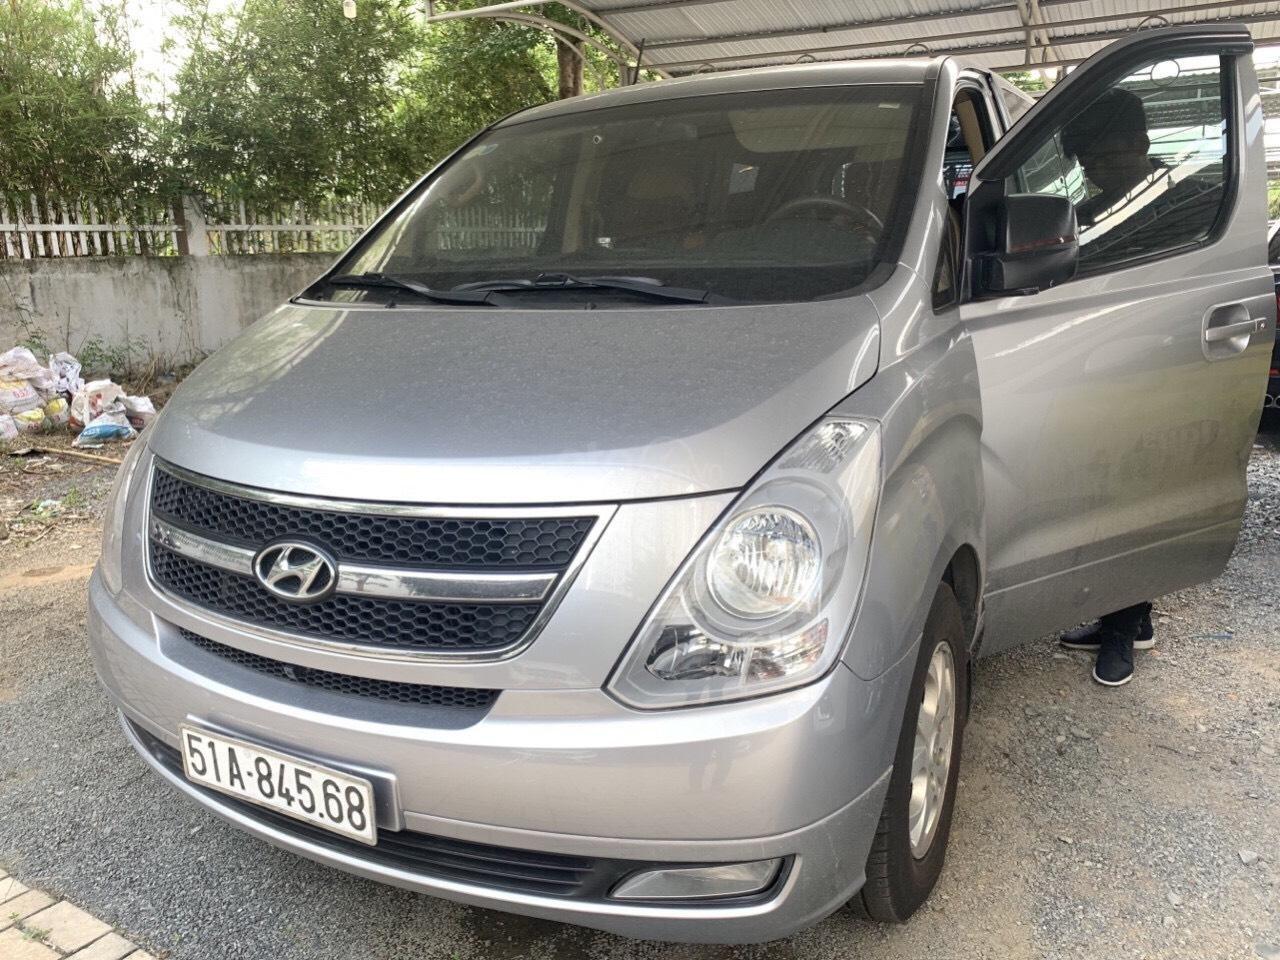 Cần bán Hyundai Stares sản xuất 2014, xe nhà trùm mềm zin 67000 km (6)